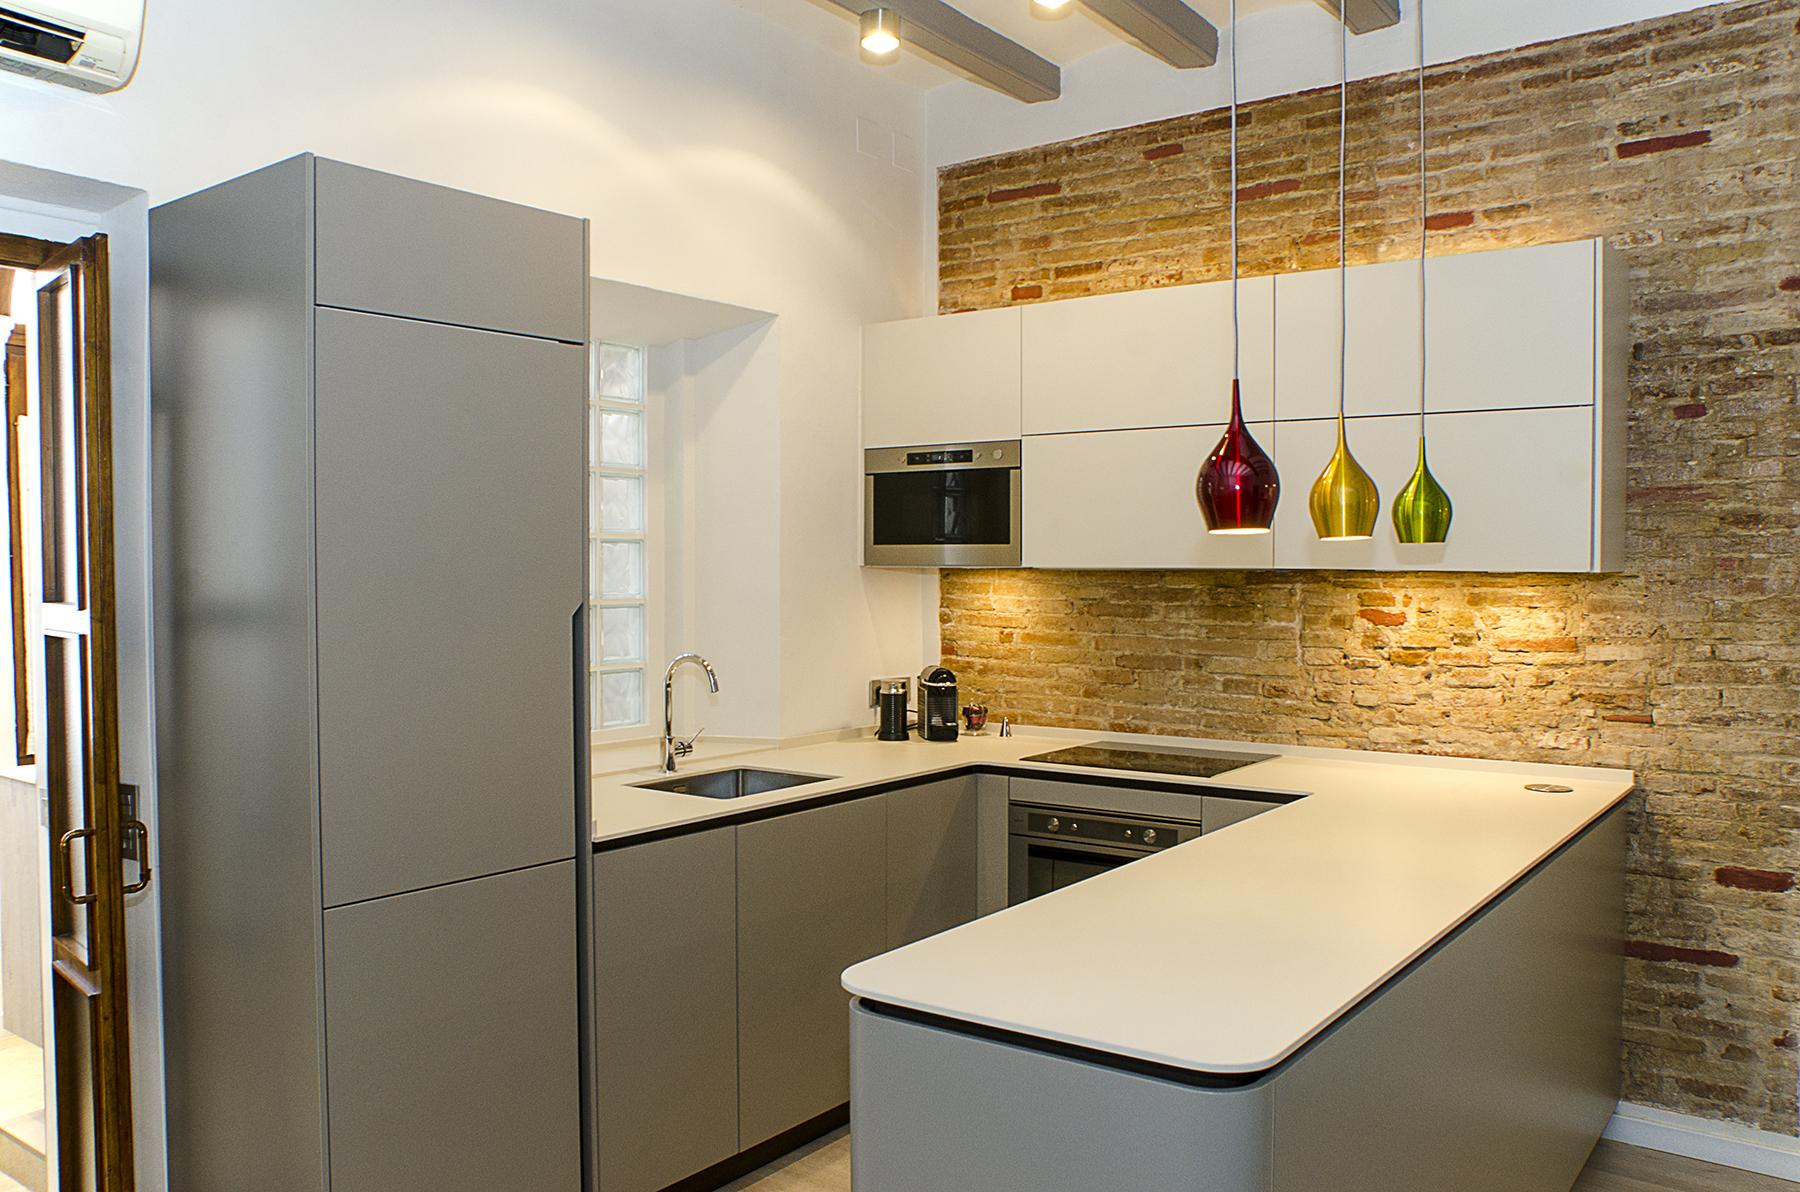 Xp muebles de cocina obtenga ideas dise o de muebles para su hogar aqu - Gelse cocinas ...